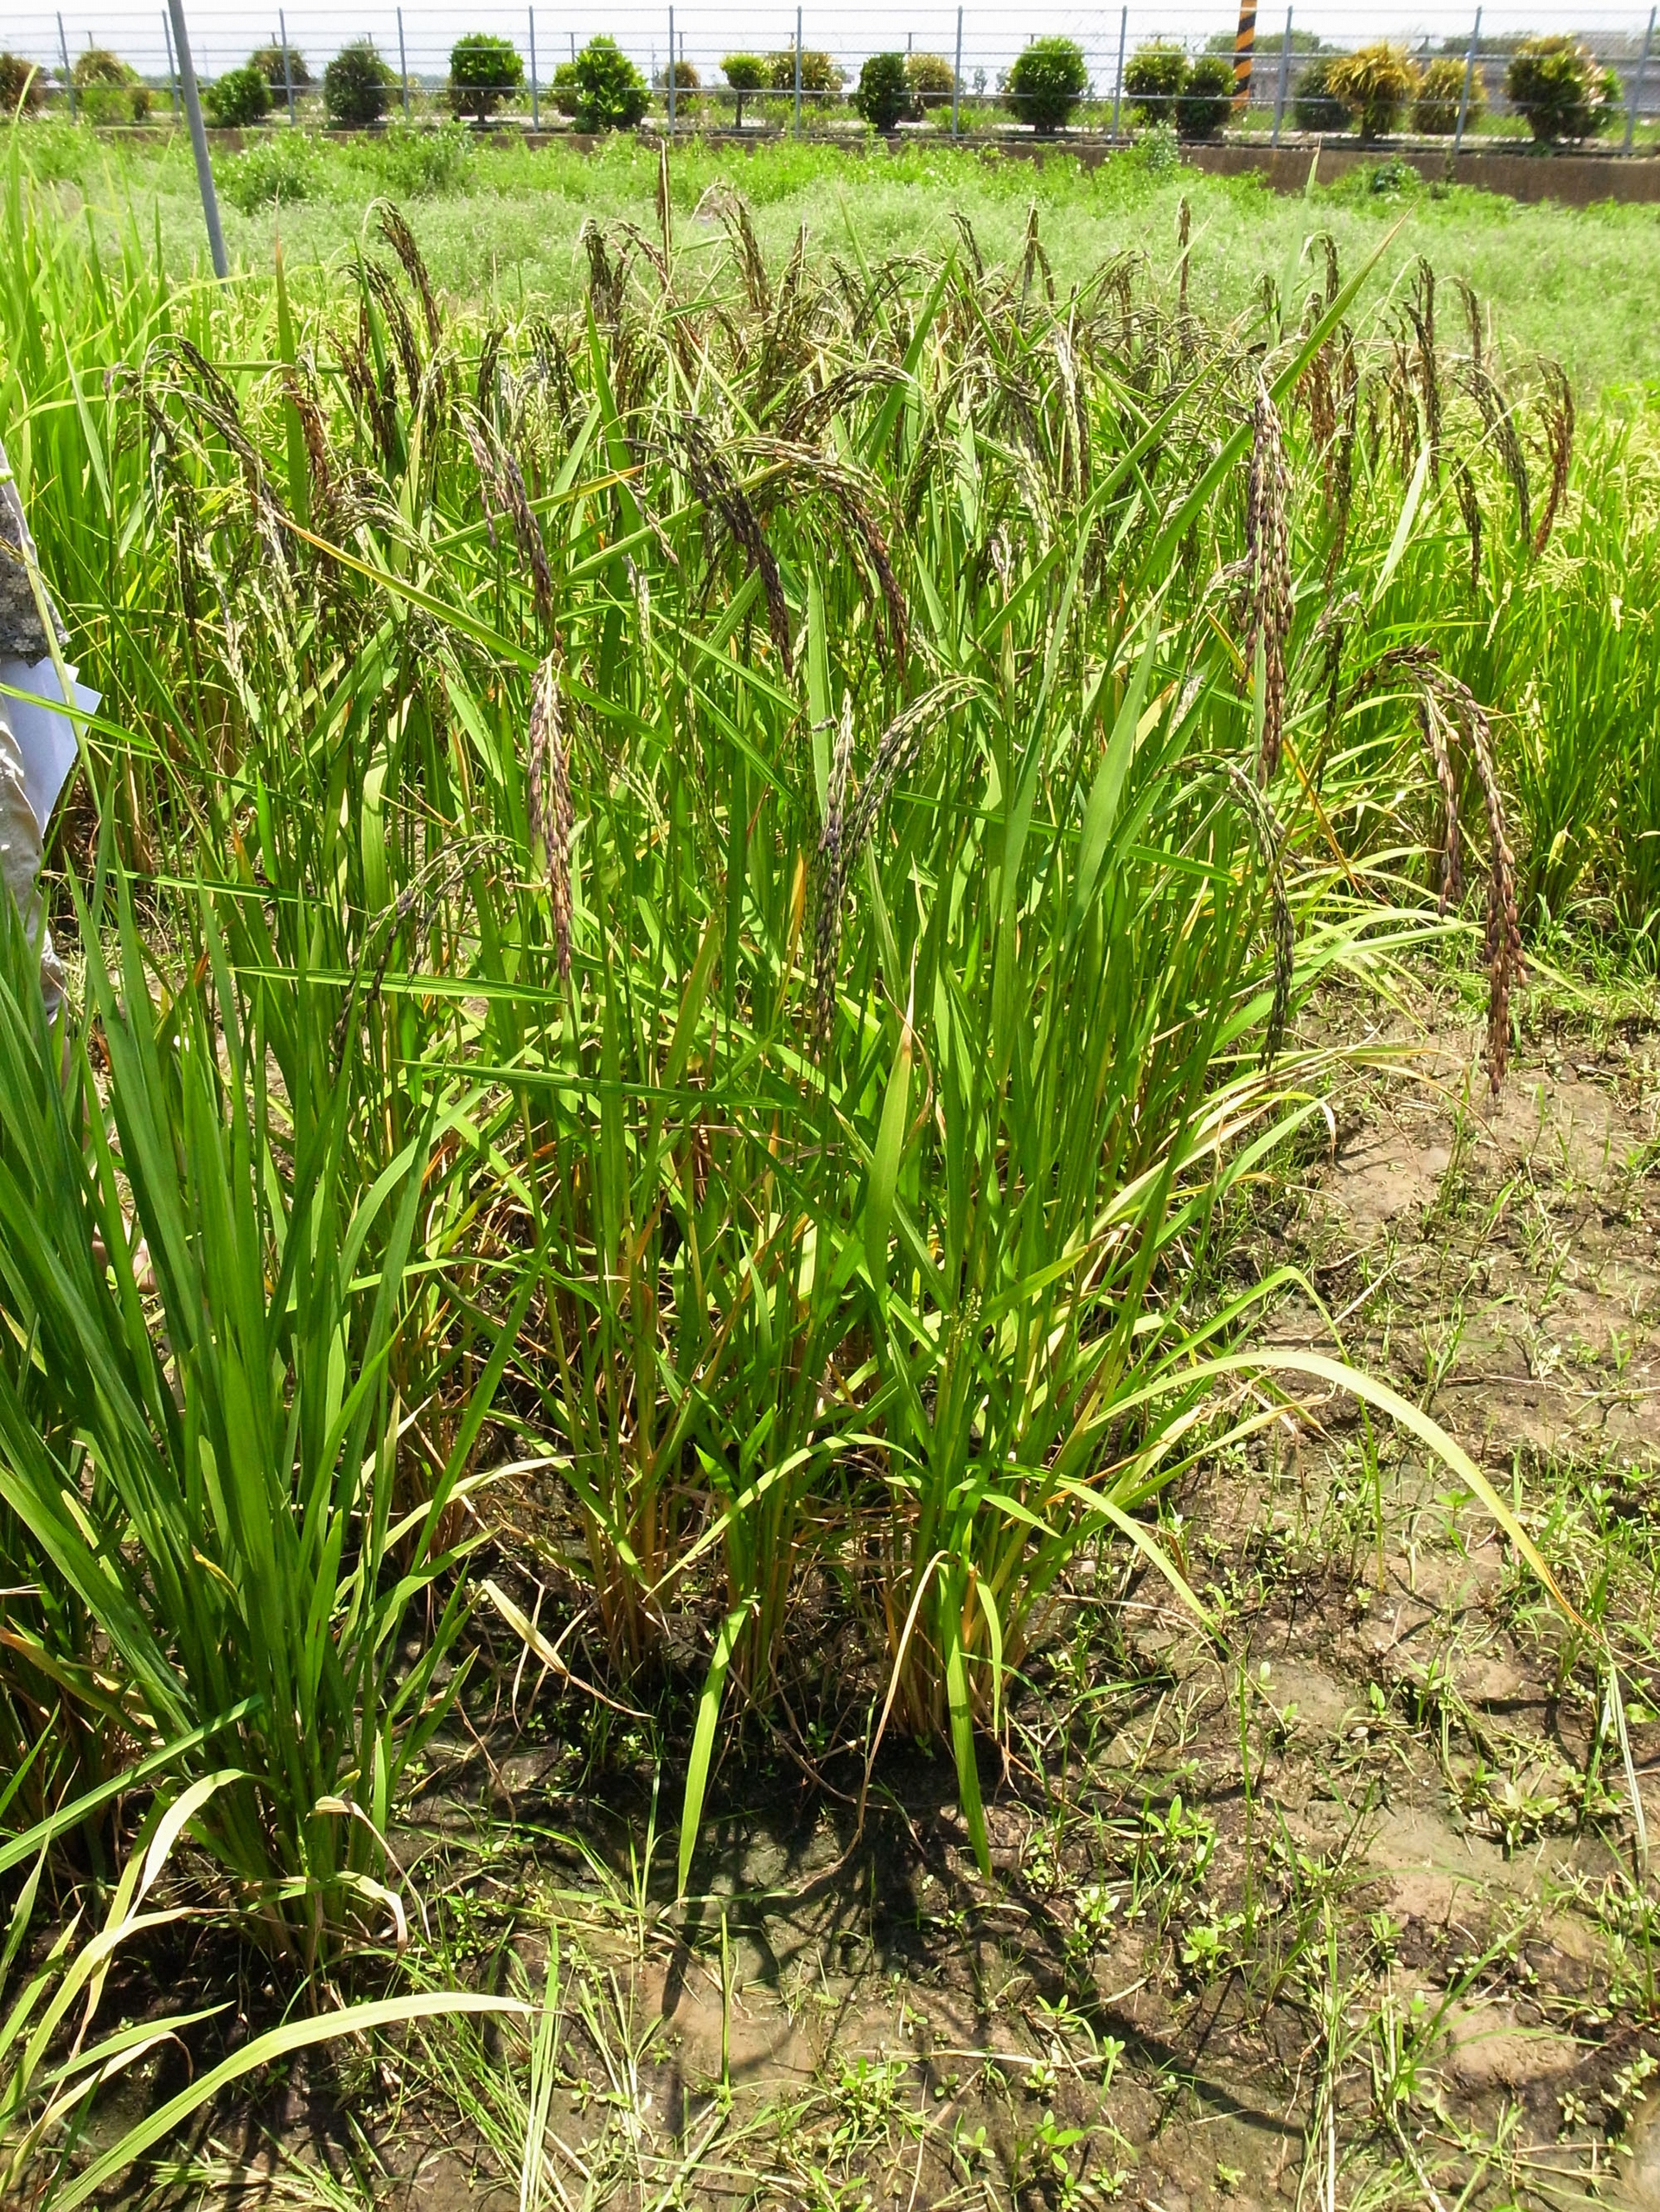 圖為山地陸稻。陸稻和水稻都是亞洲栽培稻 (Oryza sativa),只是種在水田的叫水稻,種植在旱地的就是陸稻了。 圖片來源│邢禹依